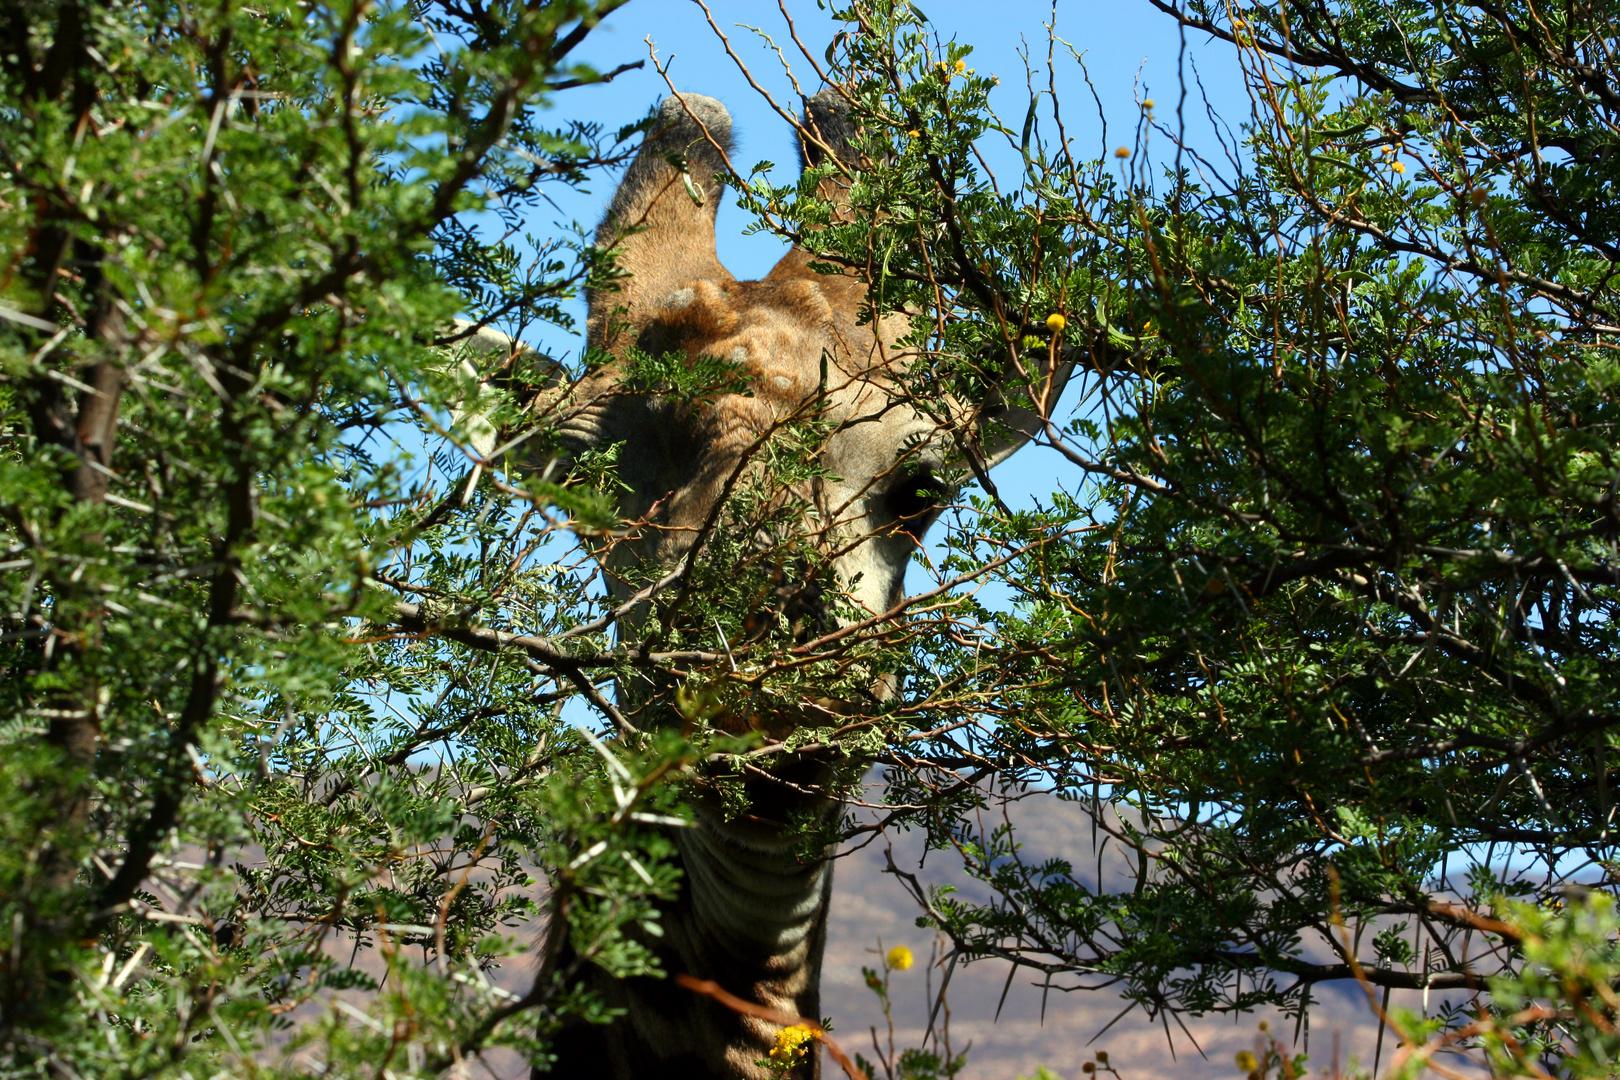 Giraffe (Südafrika) - ... ich hab Dich zuerst gesehen!